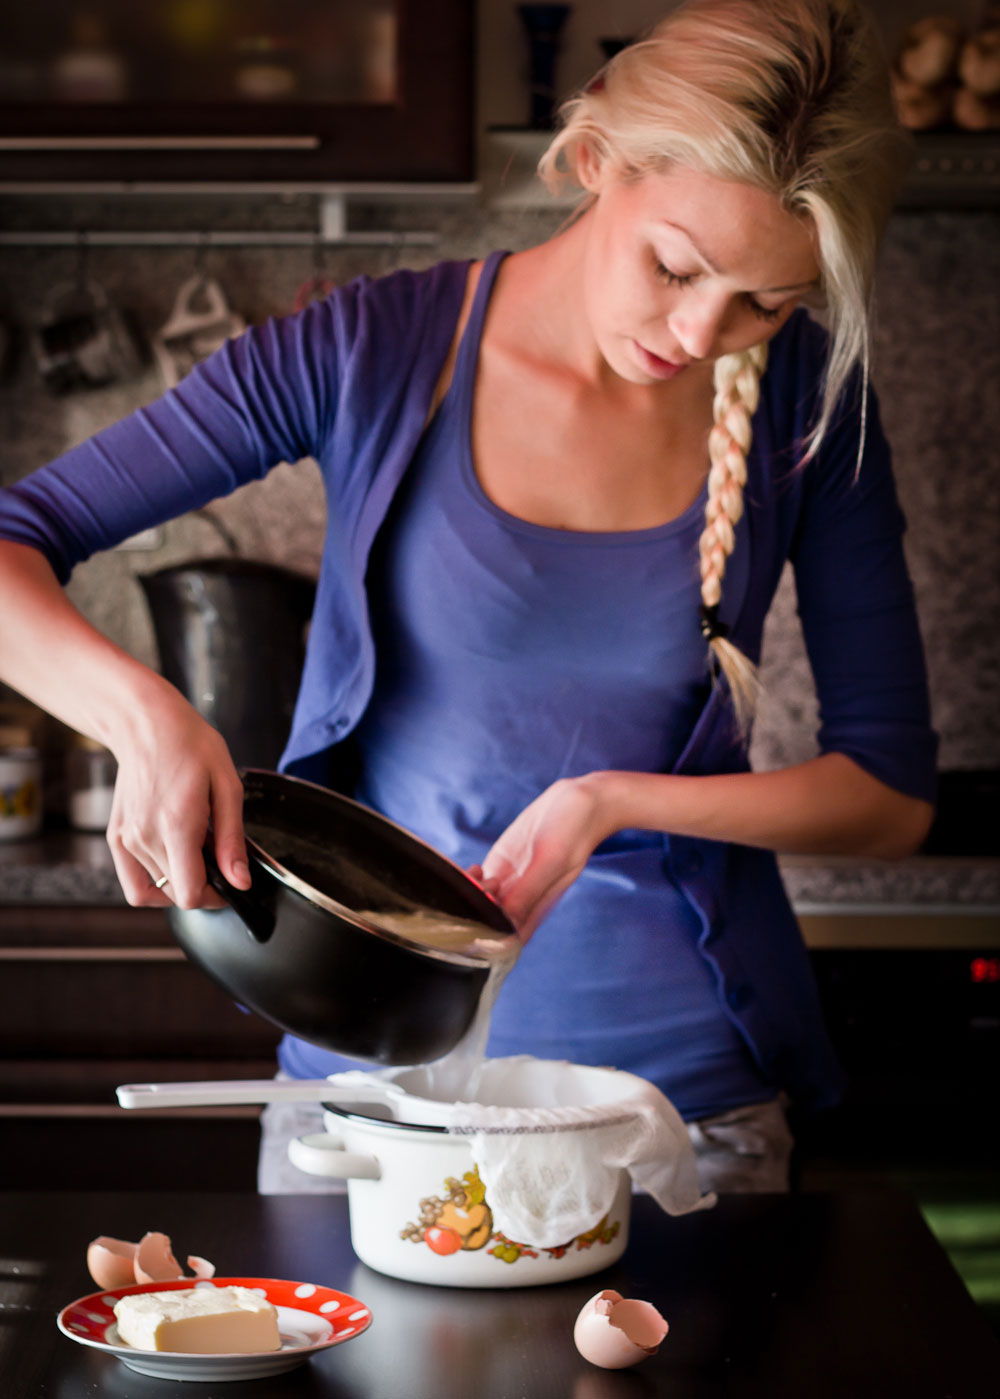 ragne-värk-kokkama-blogi